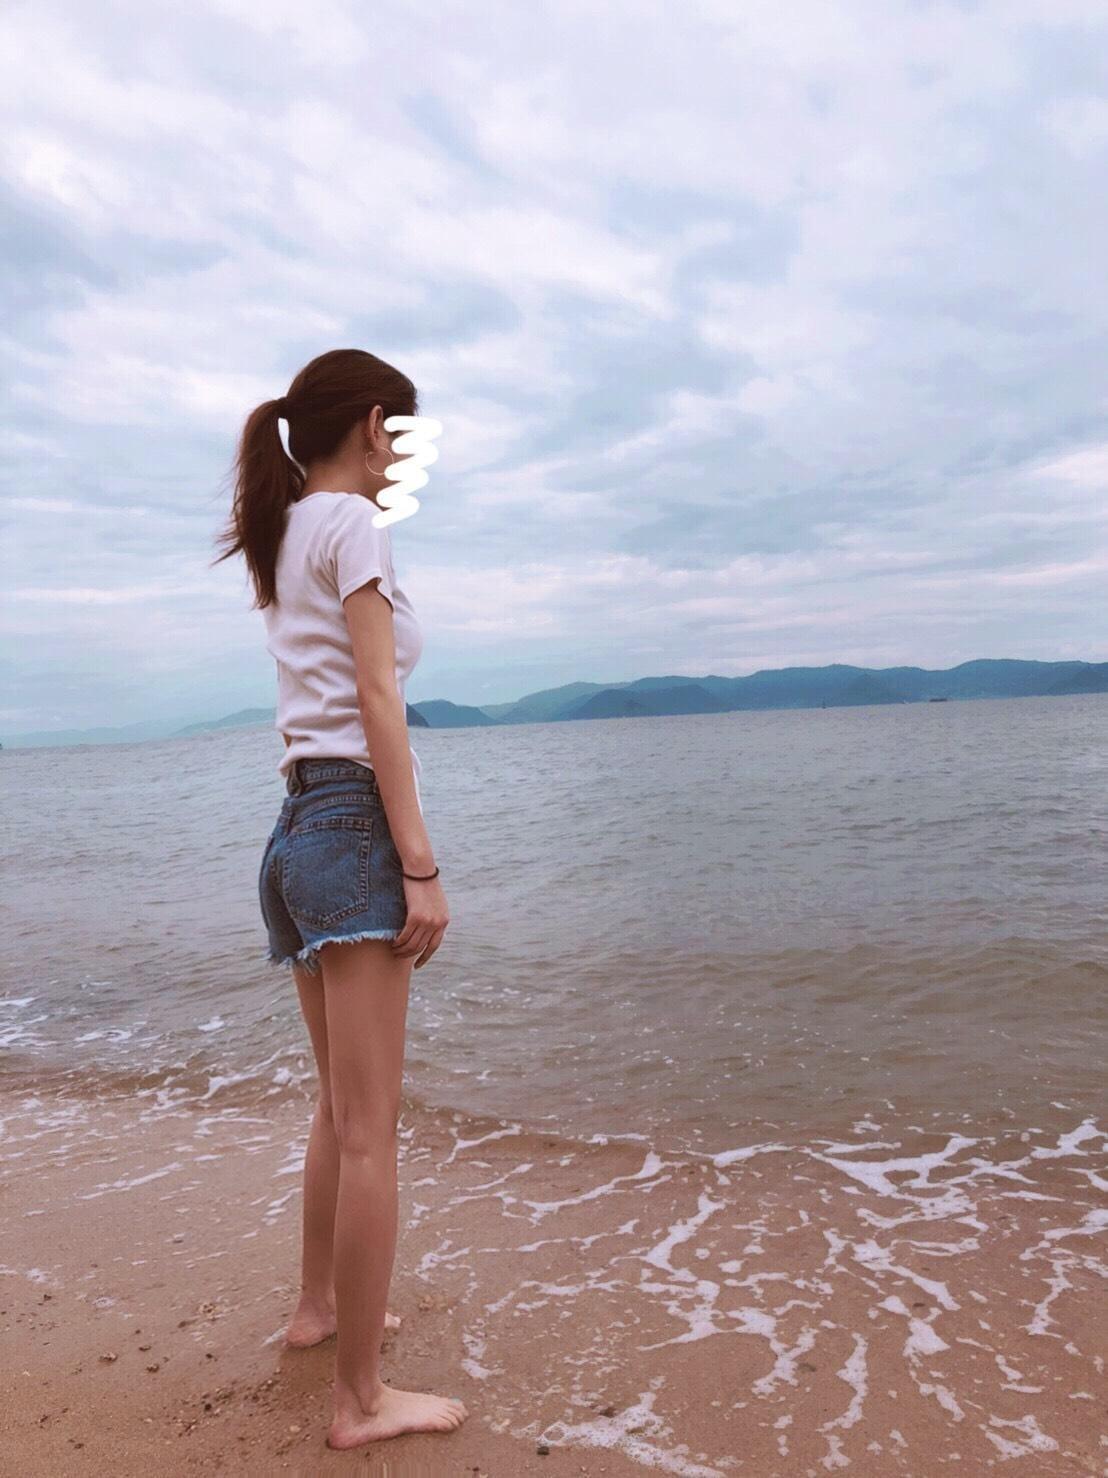 「おとはです」09/14(金) 21:36 | おとは(リフレ)の写メ・風俗動画